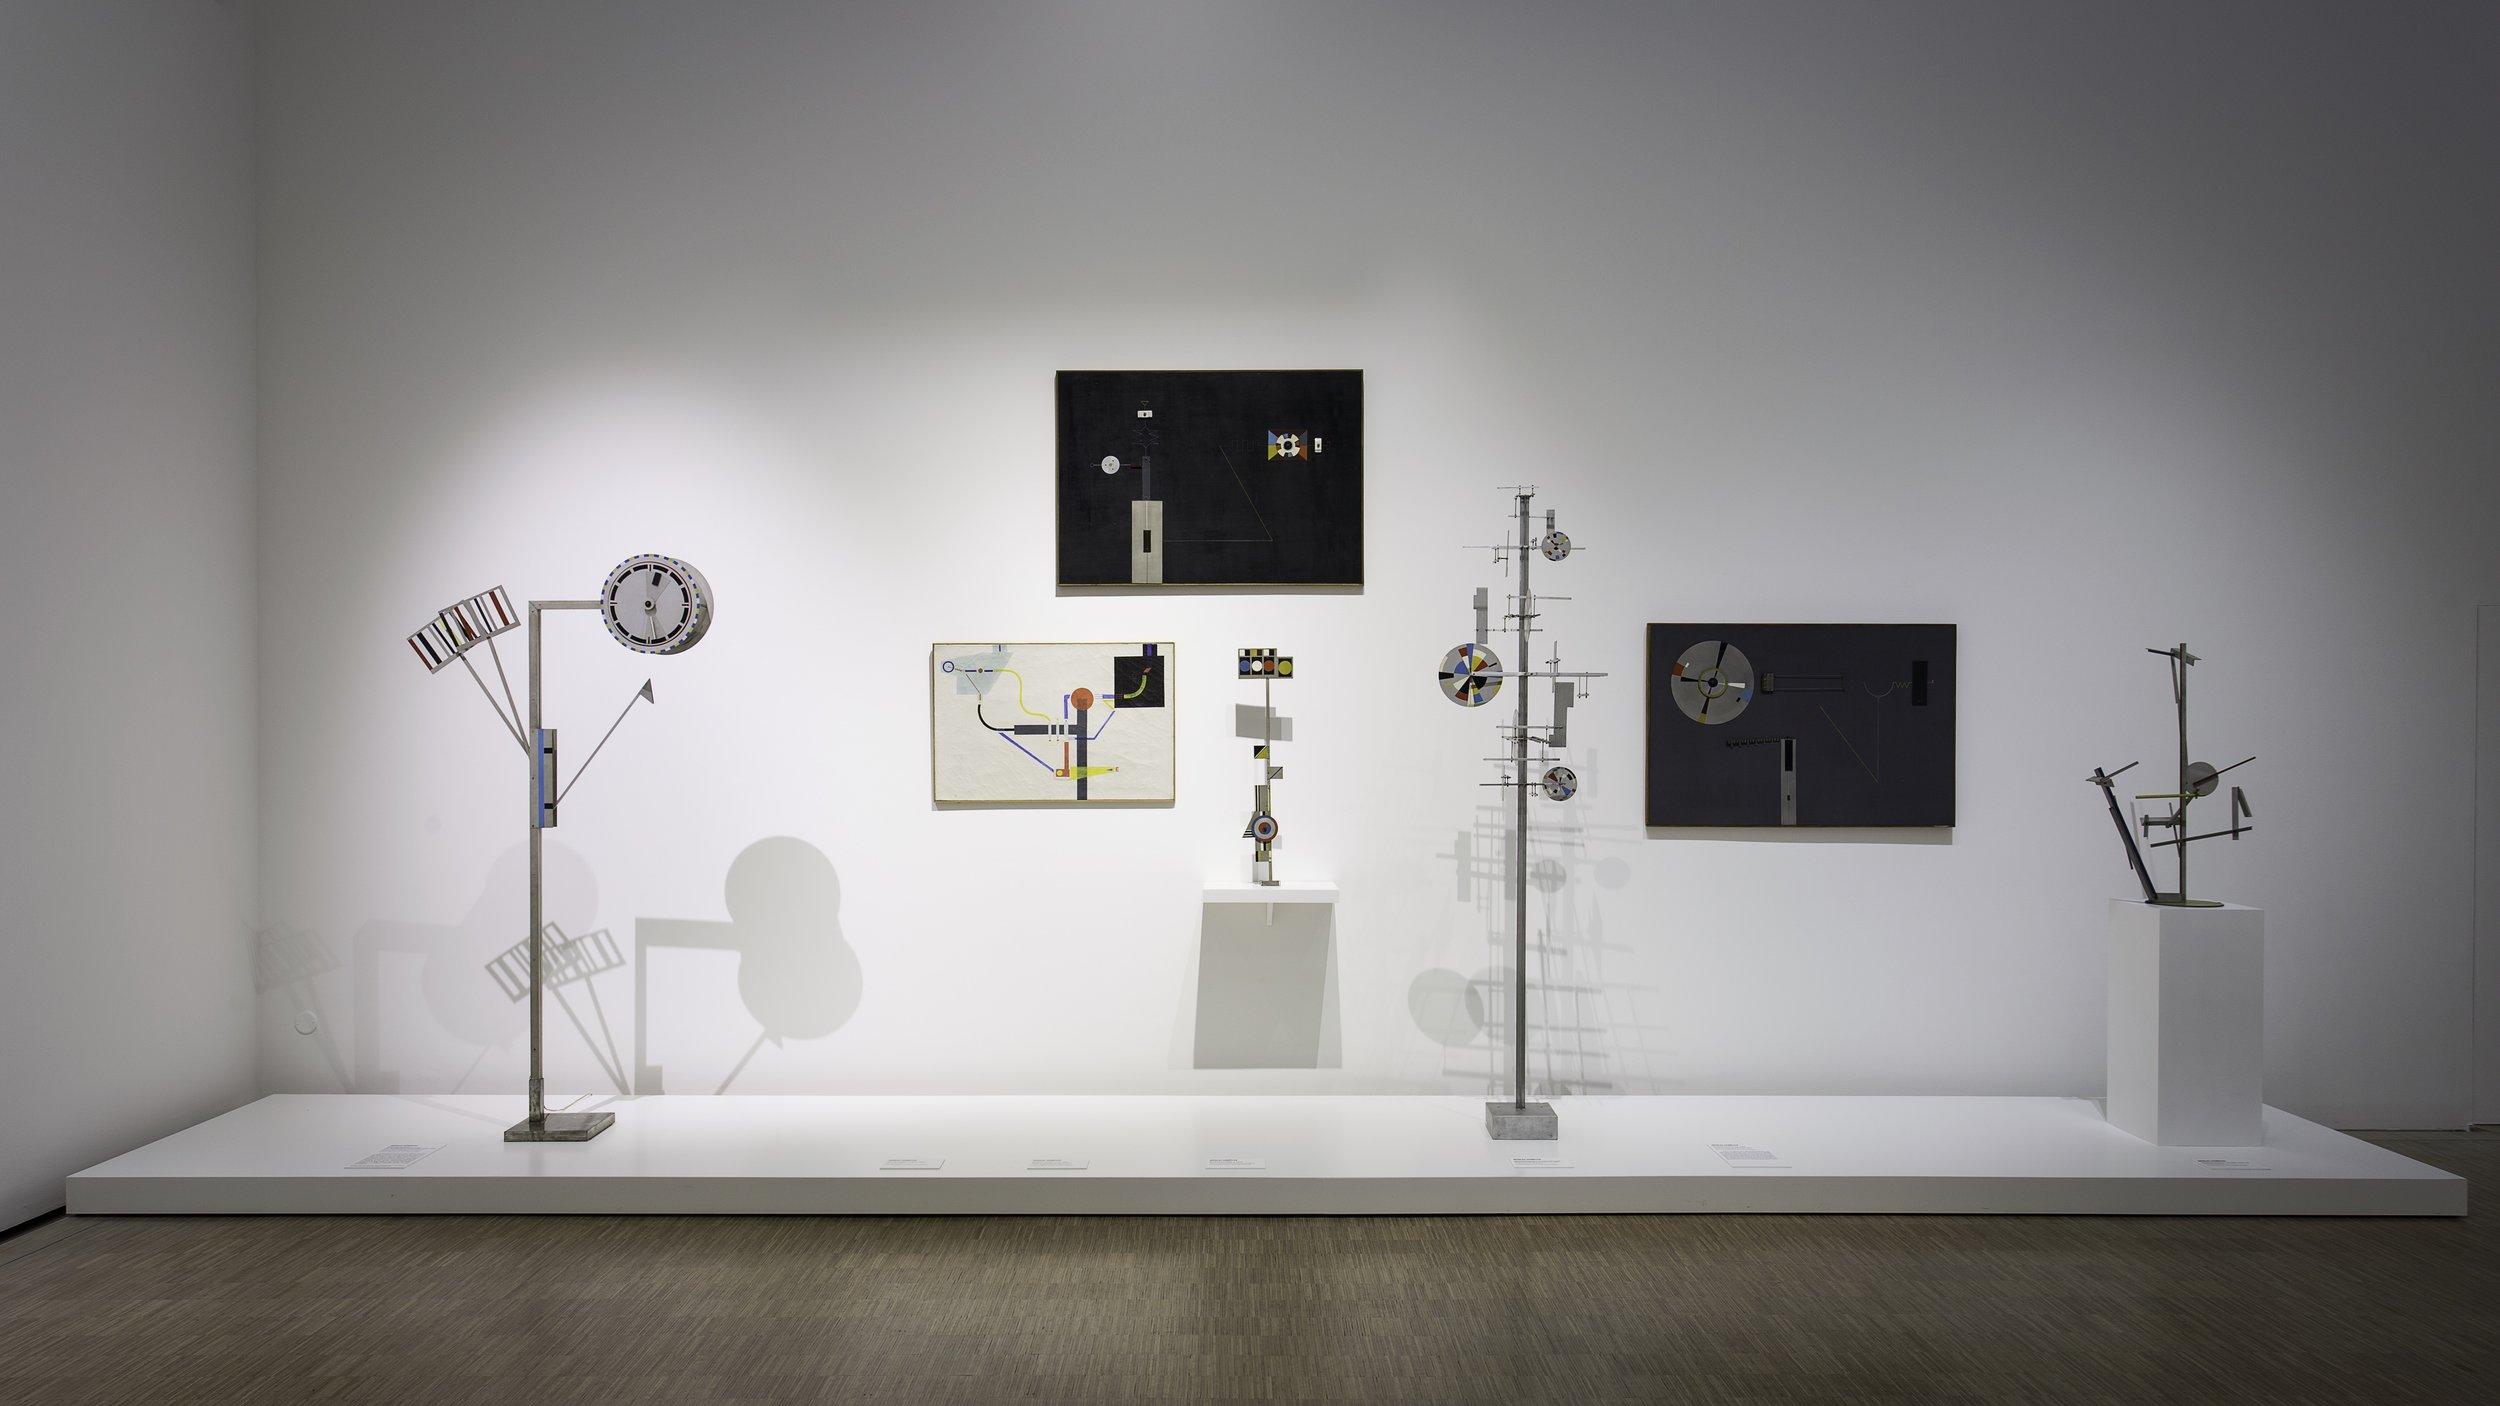 Vue de l'exposition  Nicolas Schöffer. Rétroprospective , présentée au LaM – Lille Métropole Musée d'art moderne, d'art contemporain et d'art brut (Villeneuve d'Ascq)  23 février au 20 mai 2018.  Photo : N. Dewitte / LaM.